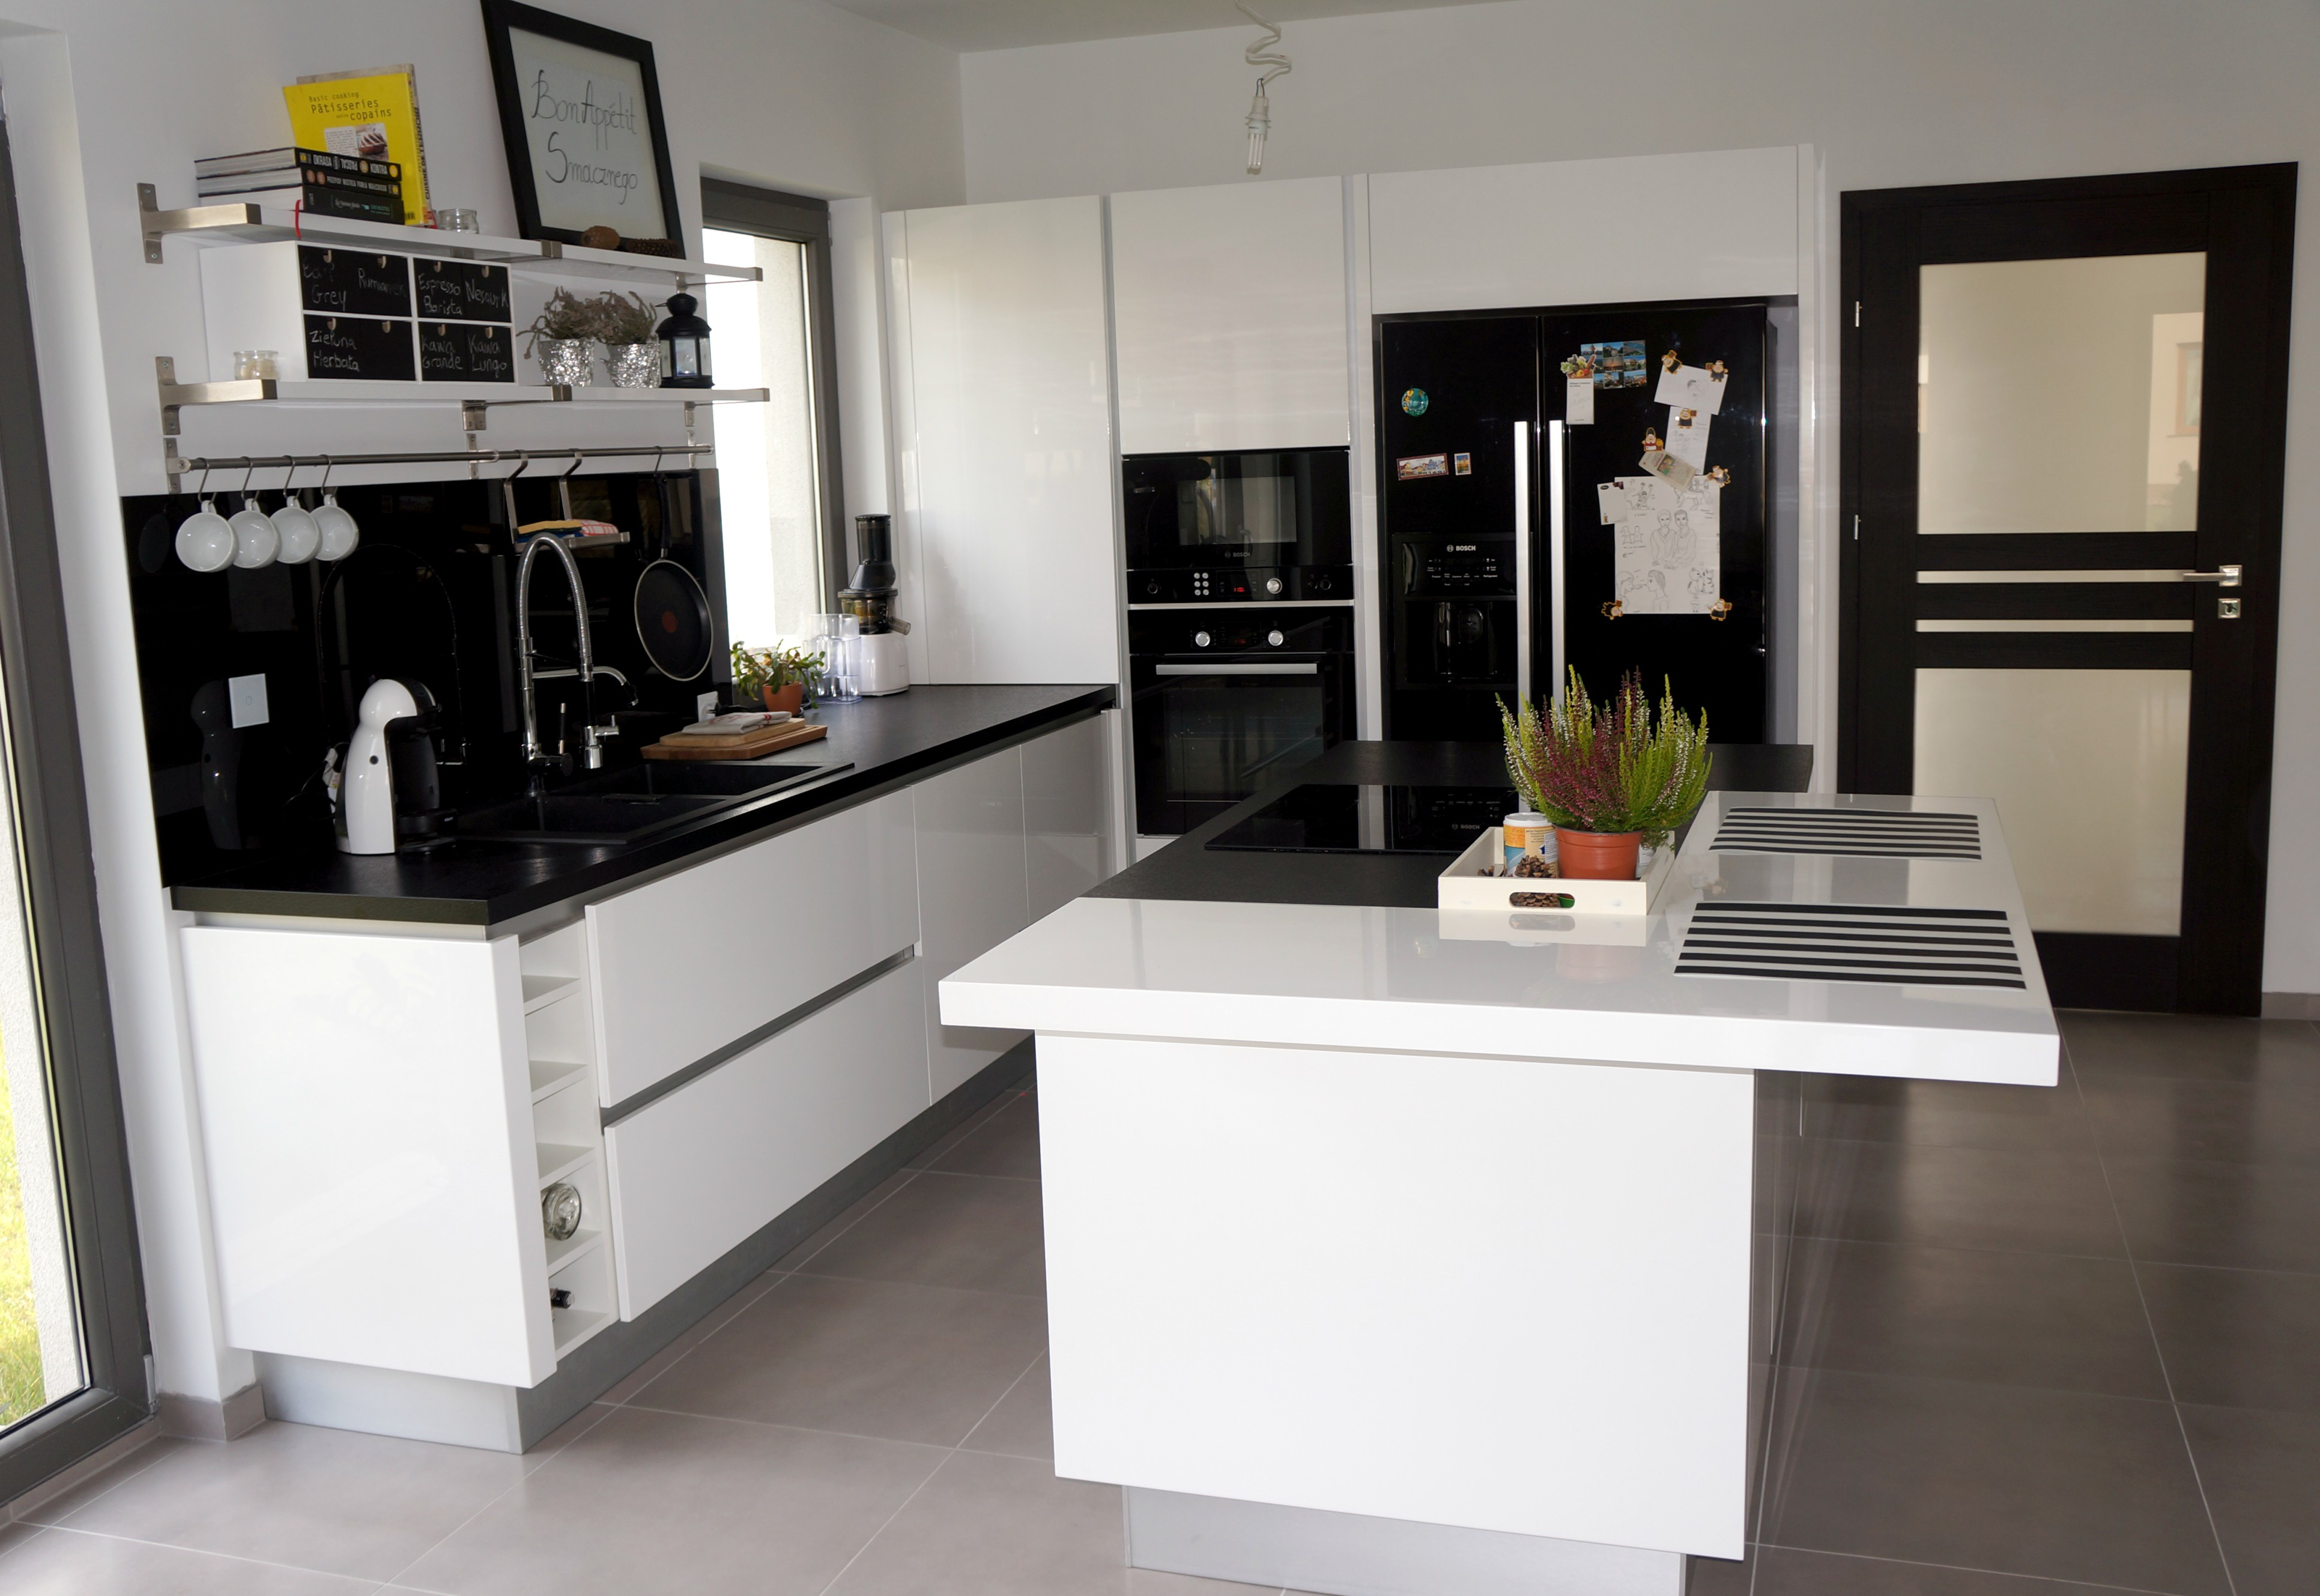 Biało czarna kuchnia  tak mieszkam  Projekt Dom -> Kuchnia Bialo Czarna Jaki Blat